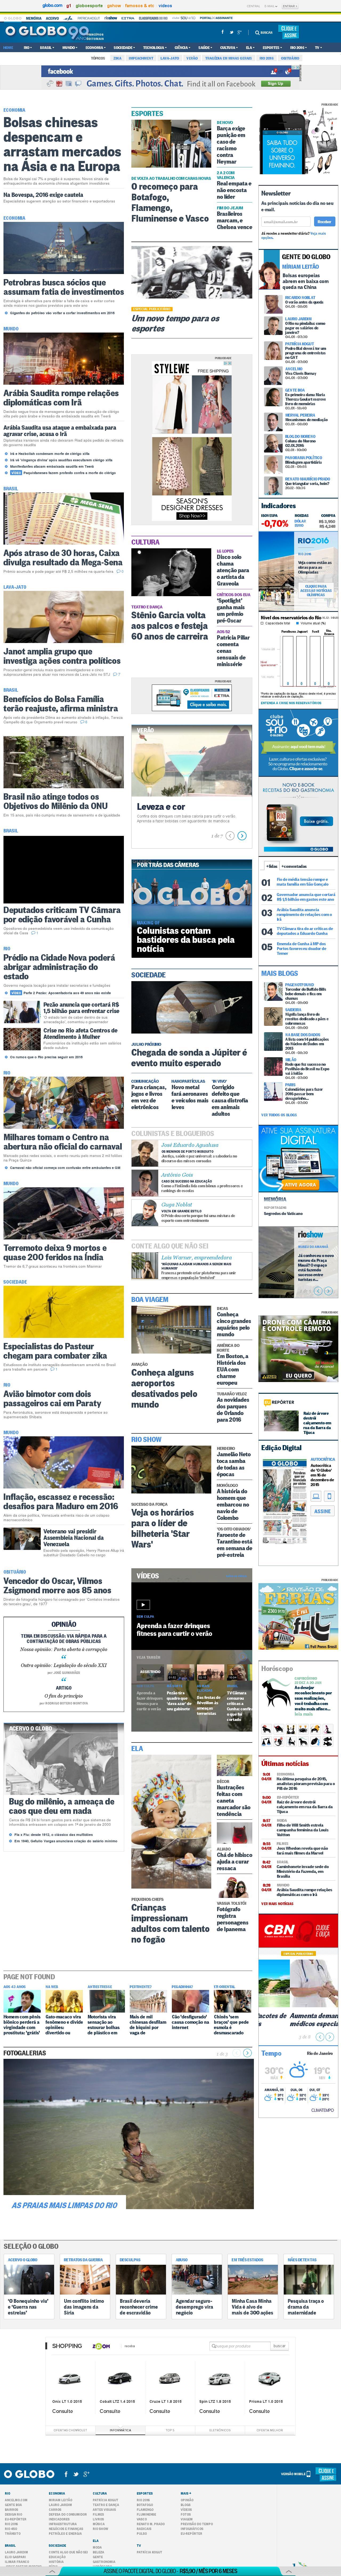 O Globo at Monday Jan. 4, 2016, 11:09 a.m. UTC